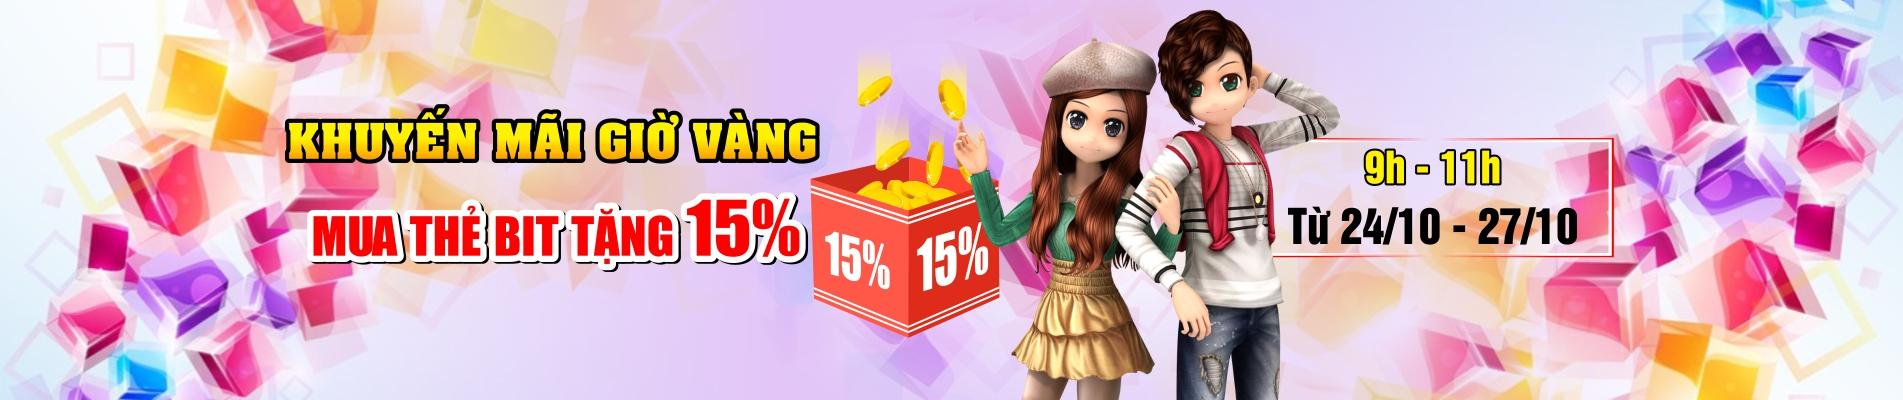 Khuyến mãi giờ vàng - mua thẻ bit nhận 15% chiết khấu